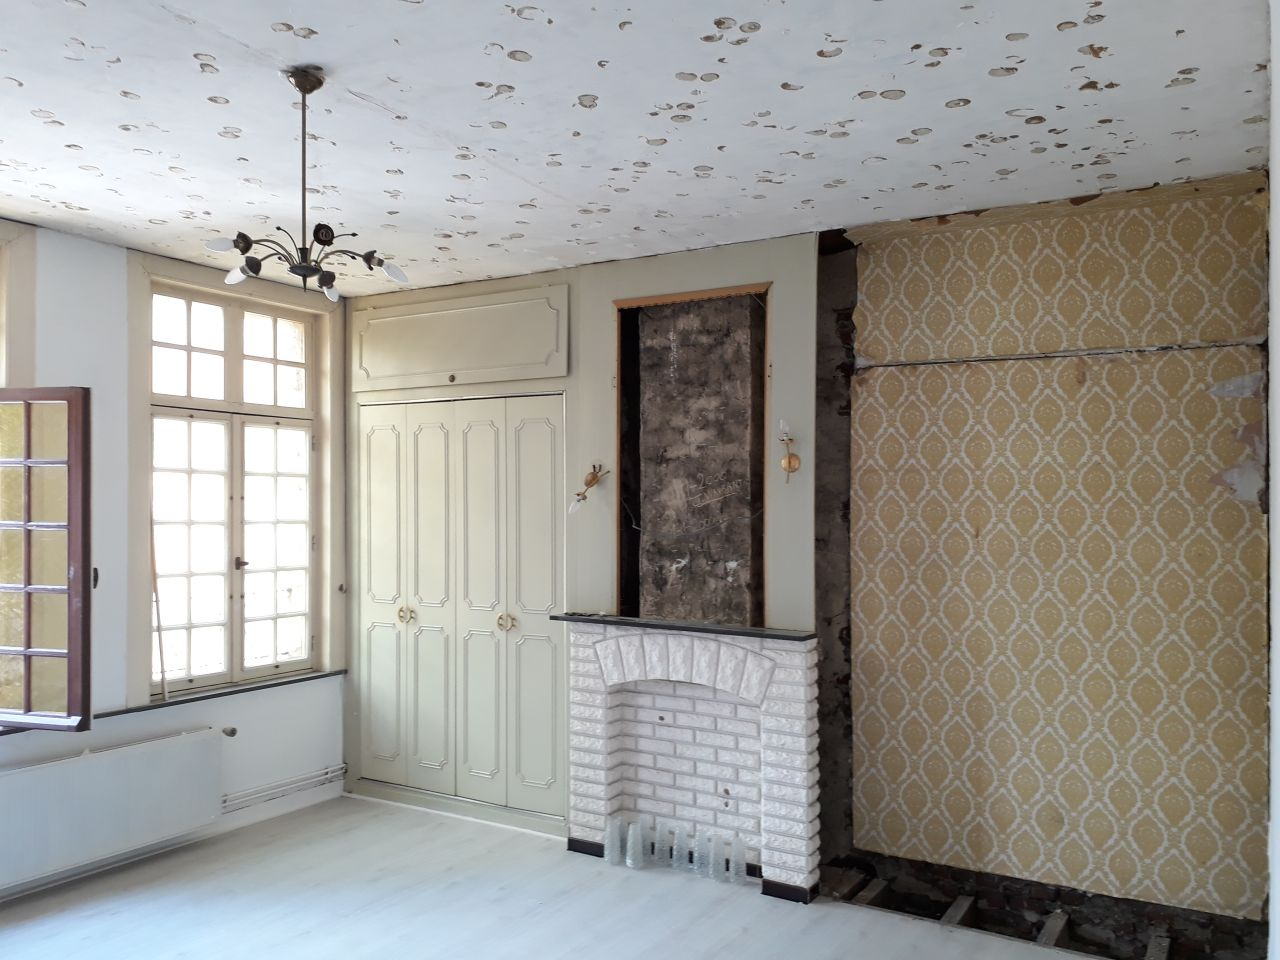 Chambre rue, plafond terminé et penderie démontée